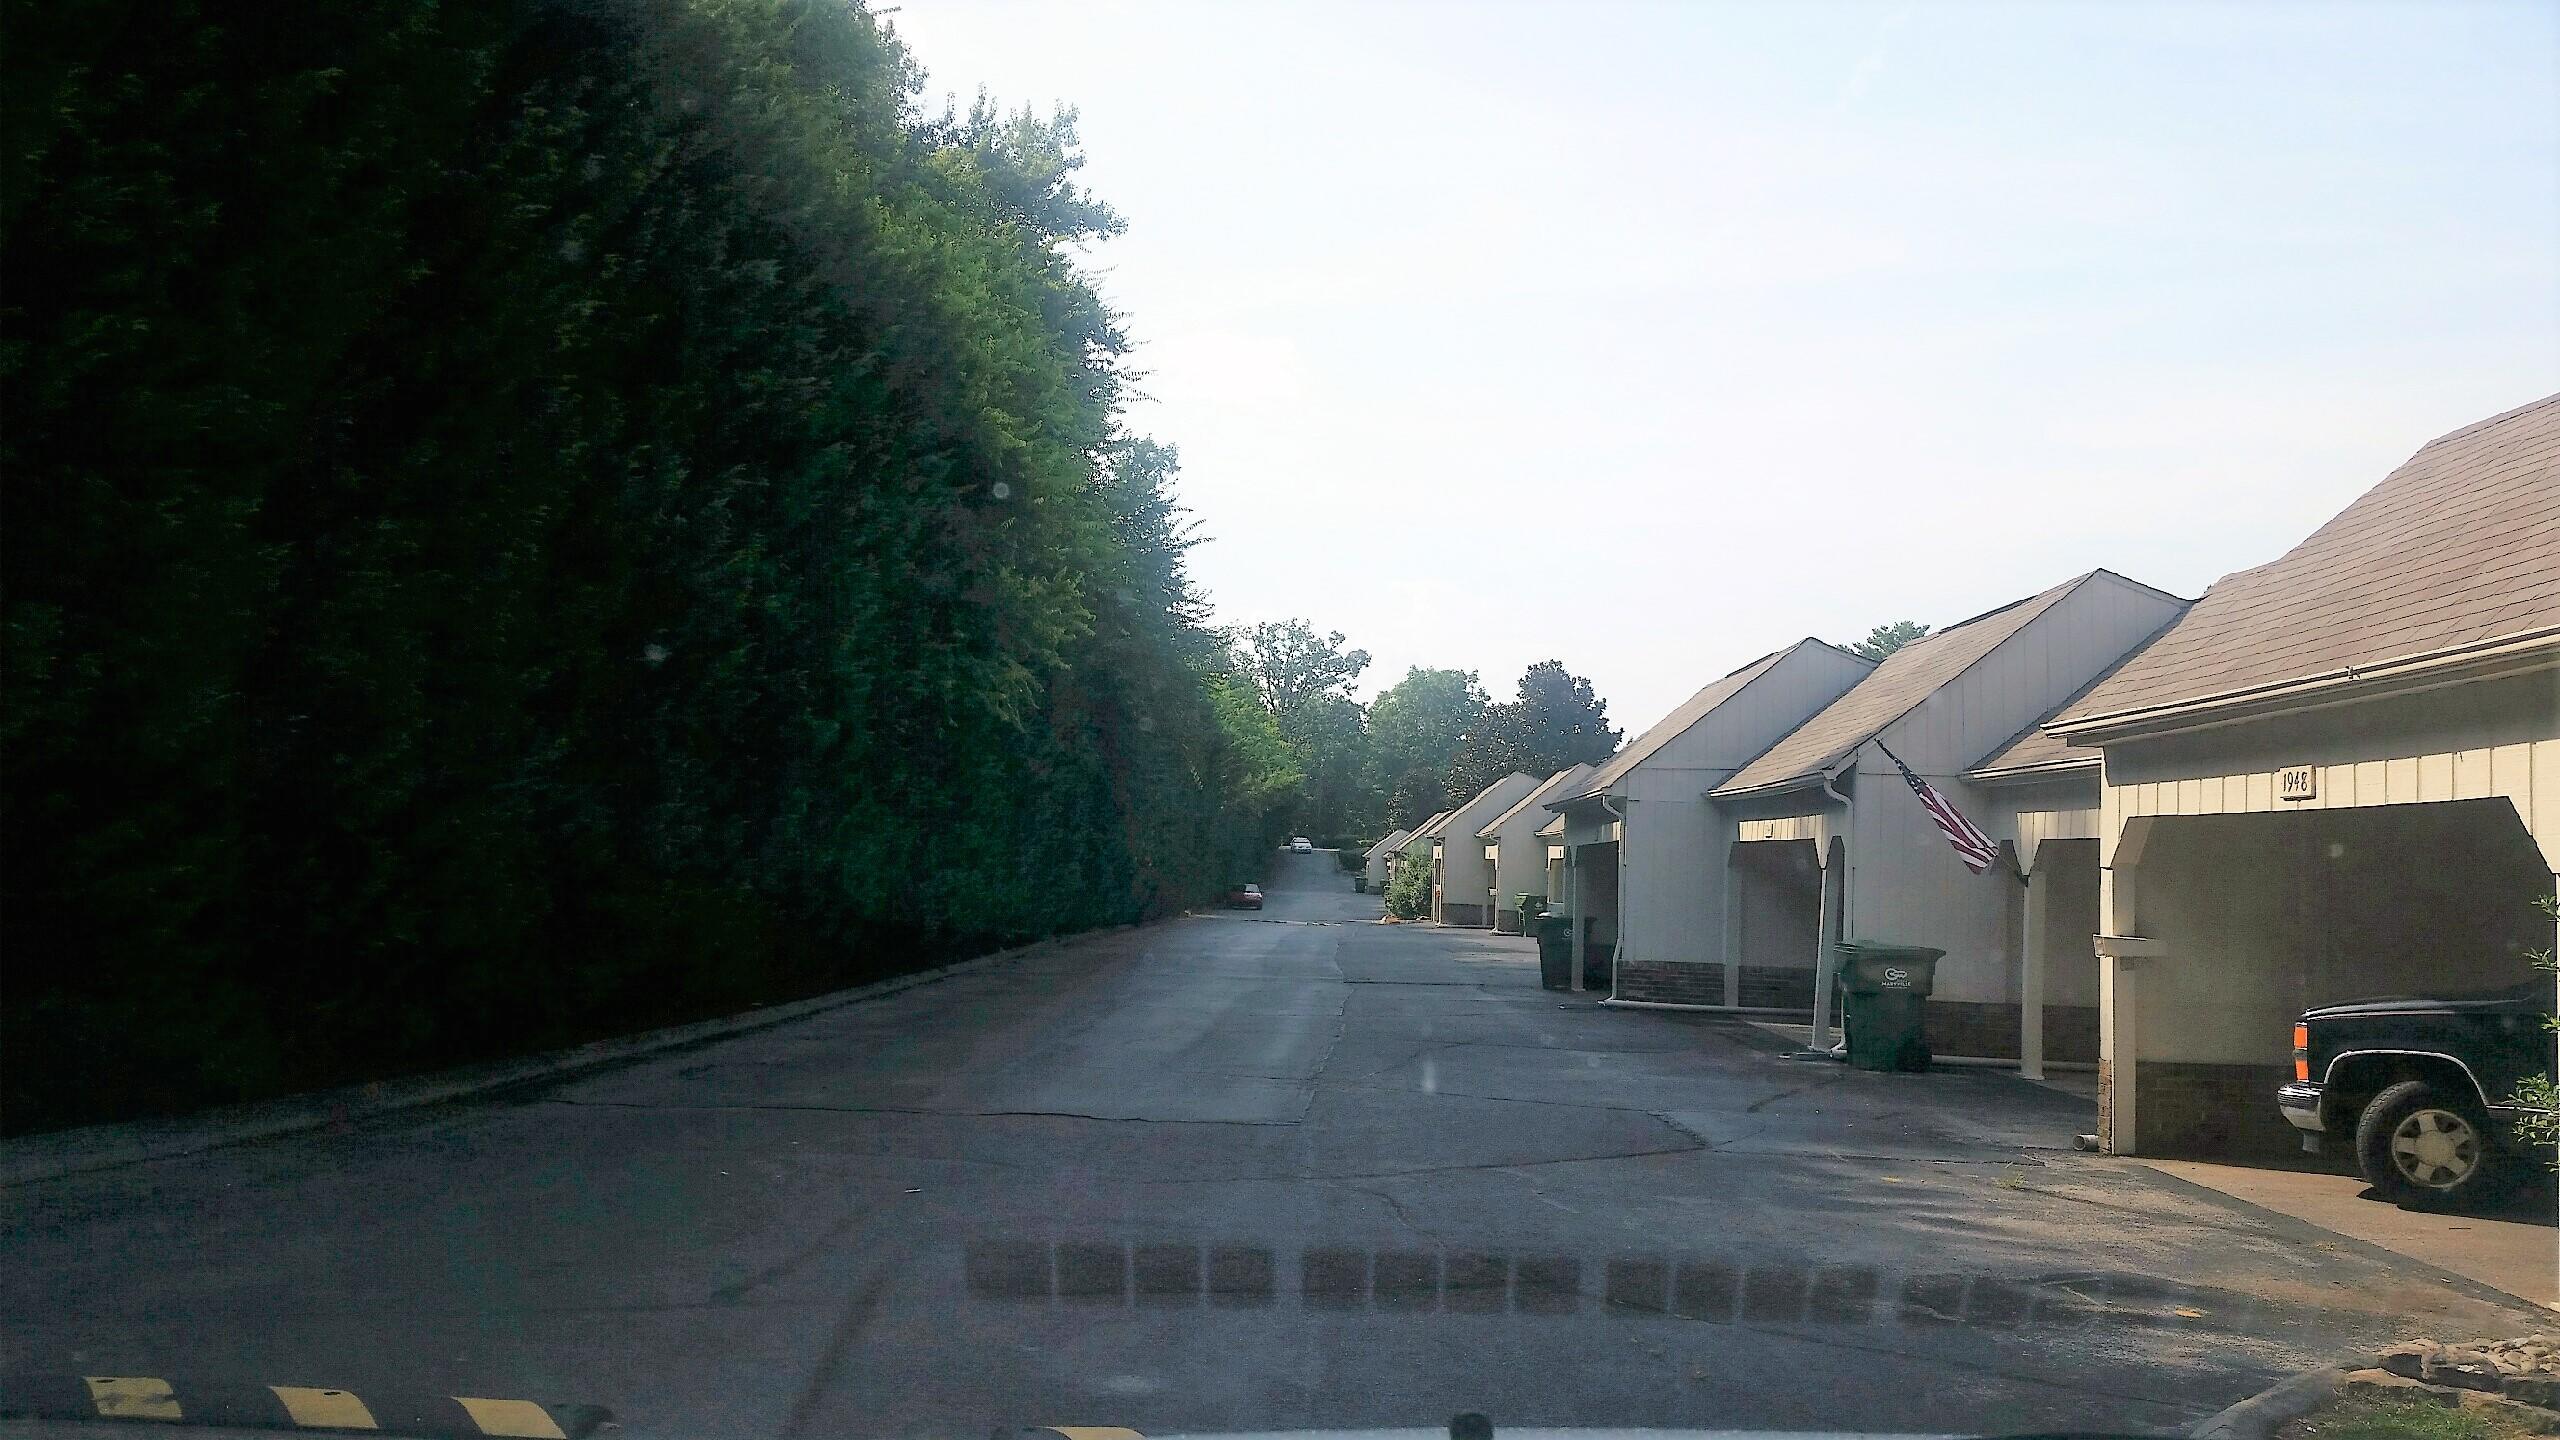 18 - Driveway